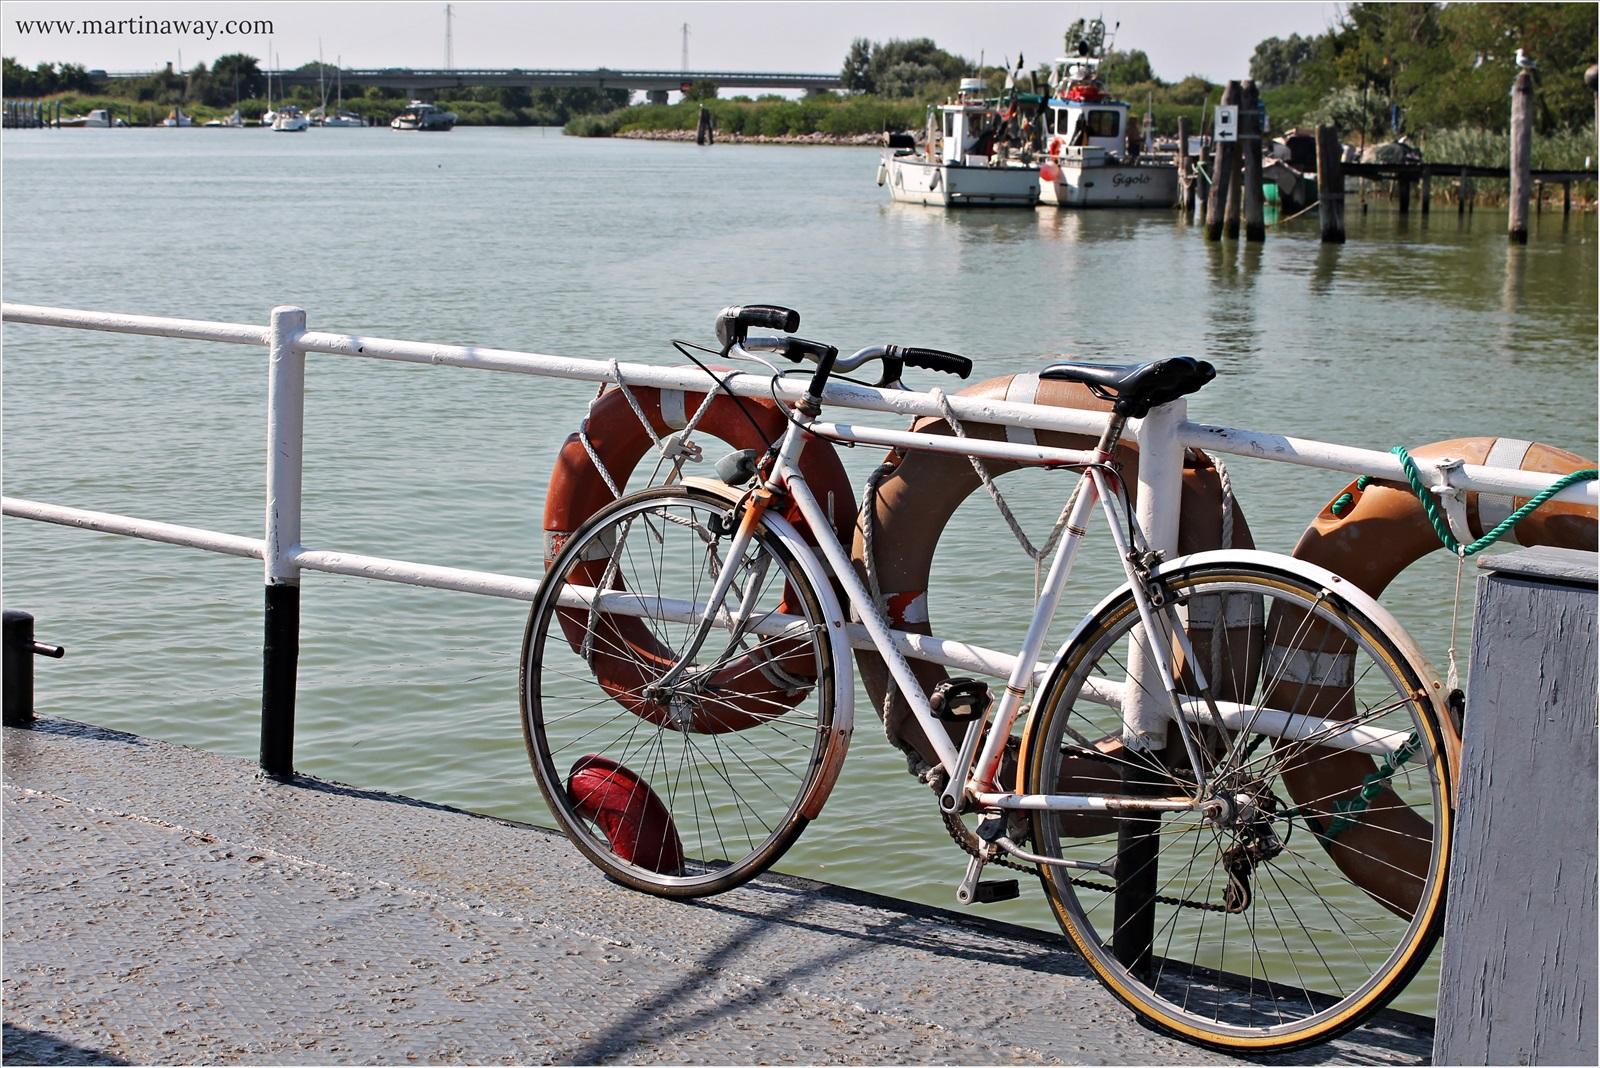 Prezzo noleggio bici Caorle